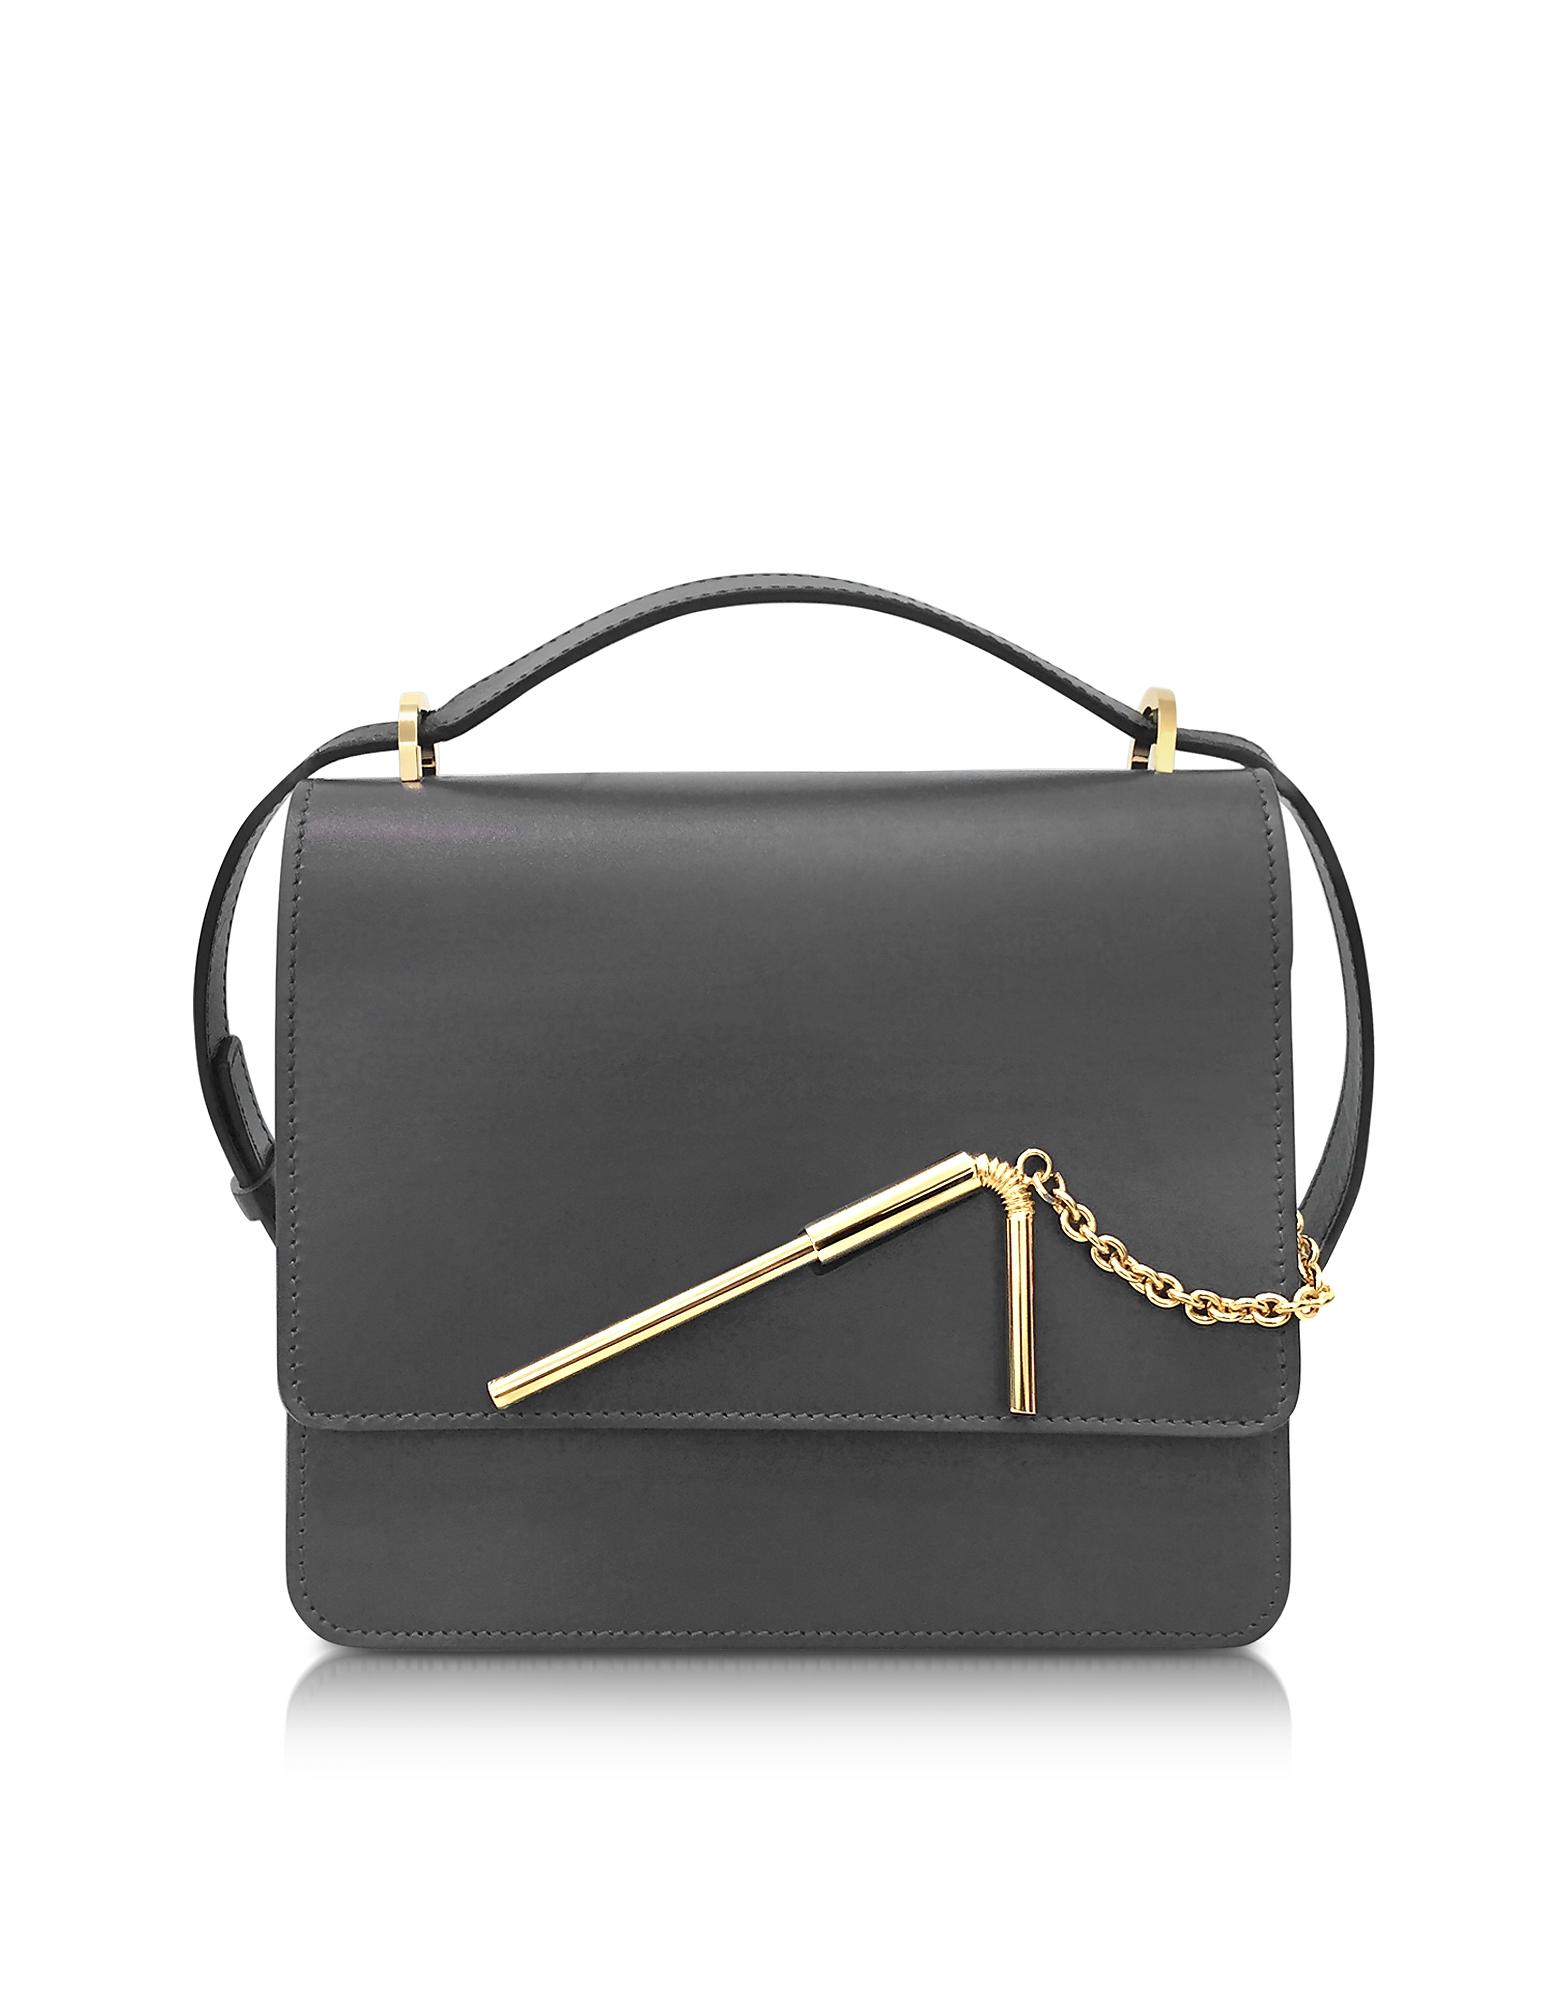 Sophie Hulme Handbags, Charcoal Medium Straw Bag